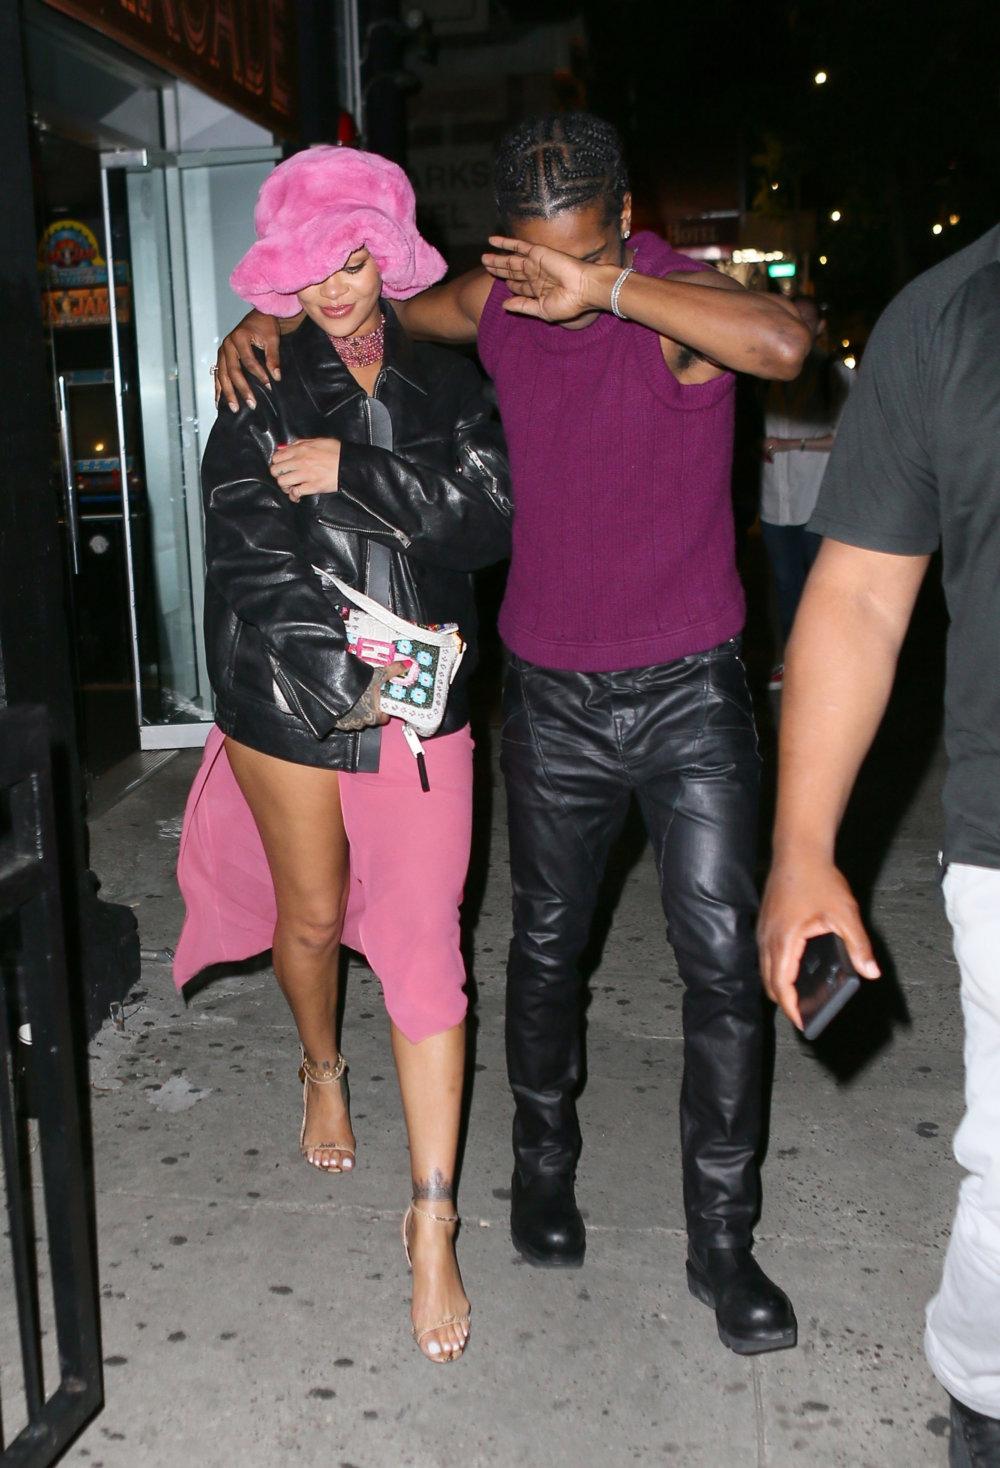 Le niegan la entrada a Rihanna y A$AP Rocky a un bar porque el guardia no sabía quiénes eran